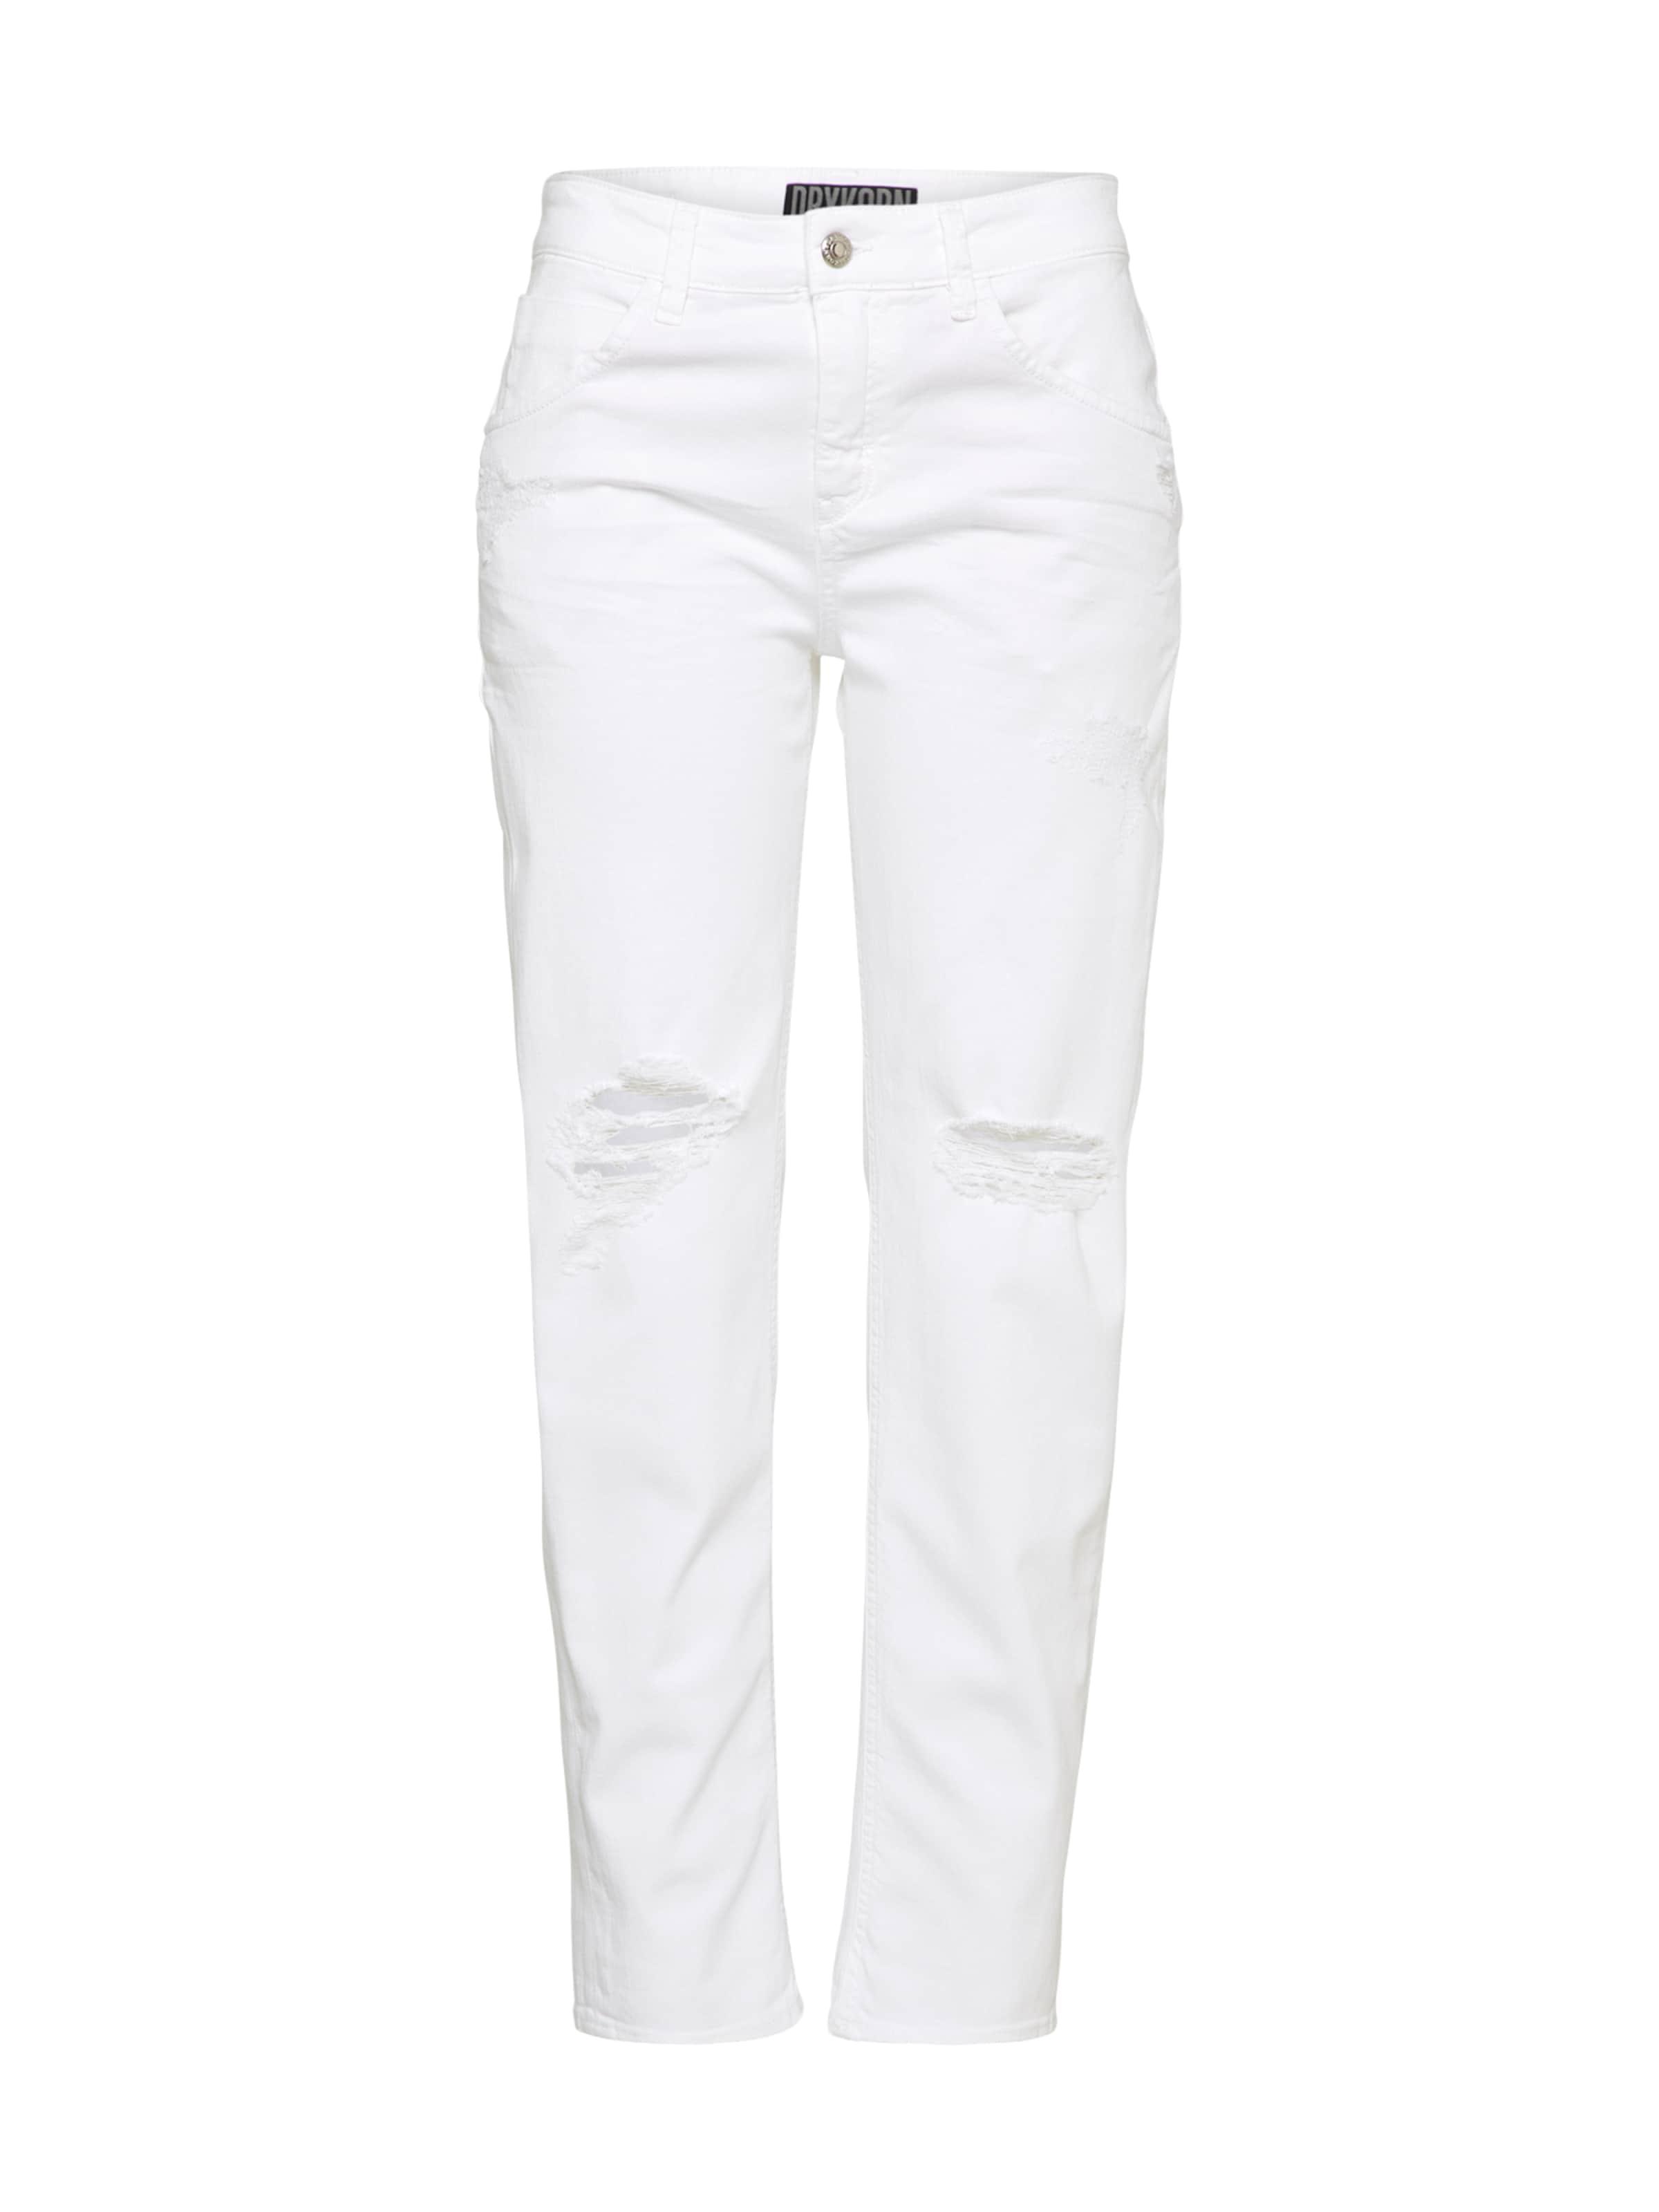 Drykorn Jeans In 'like' White Denim Rq35A4Lj